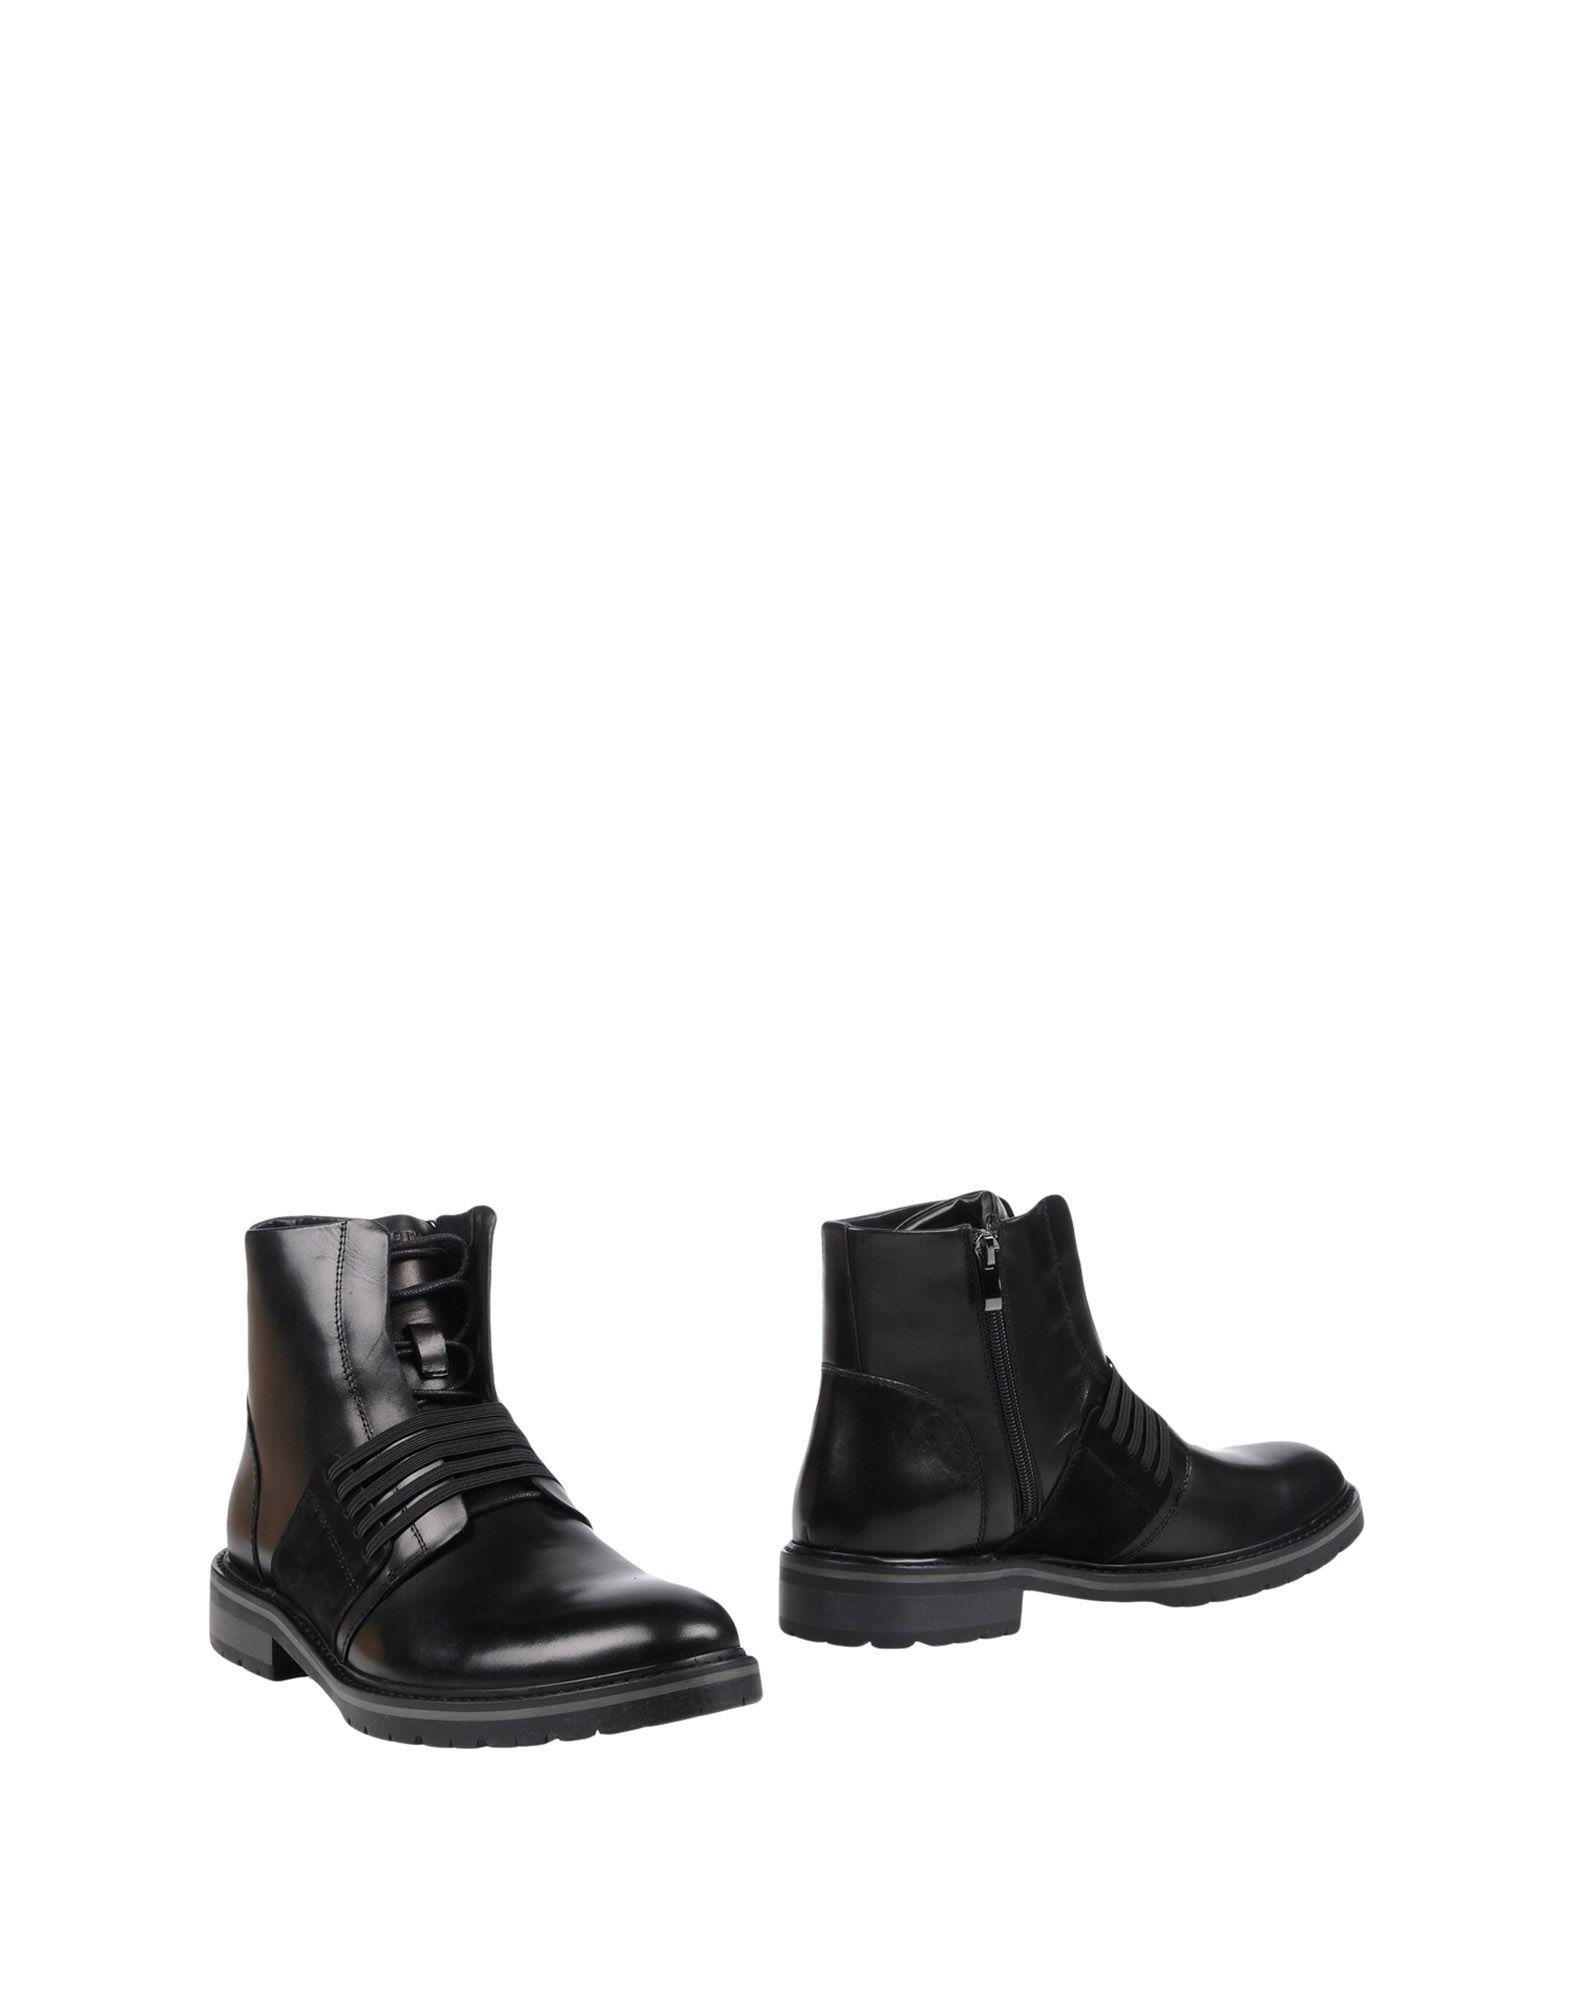 Frankie Morello Stiefelette Herren  11447658VC Gute Qualität beliebte Schuhe